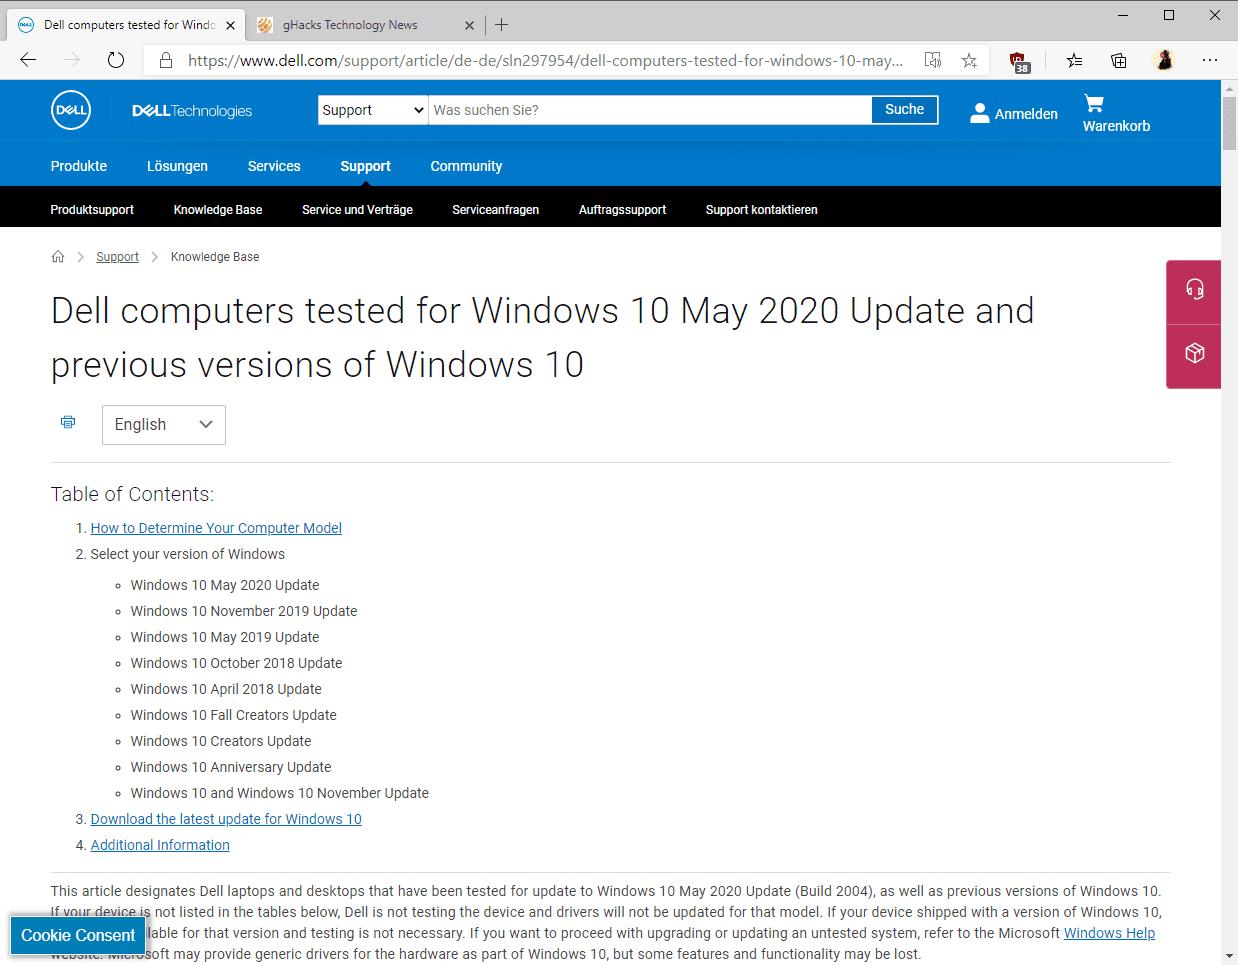 dell windows 10 2004